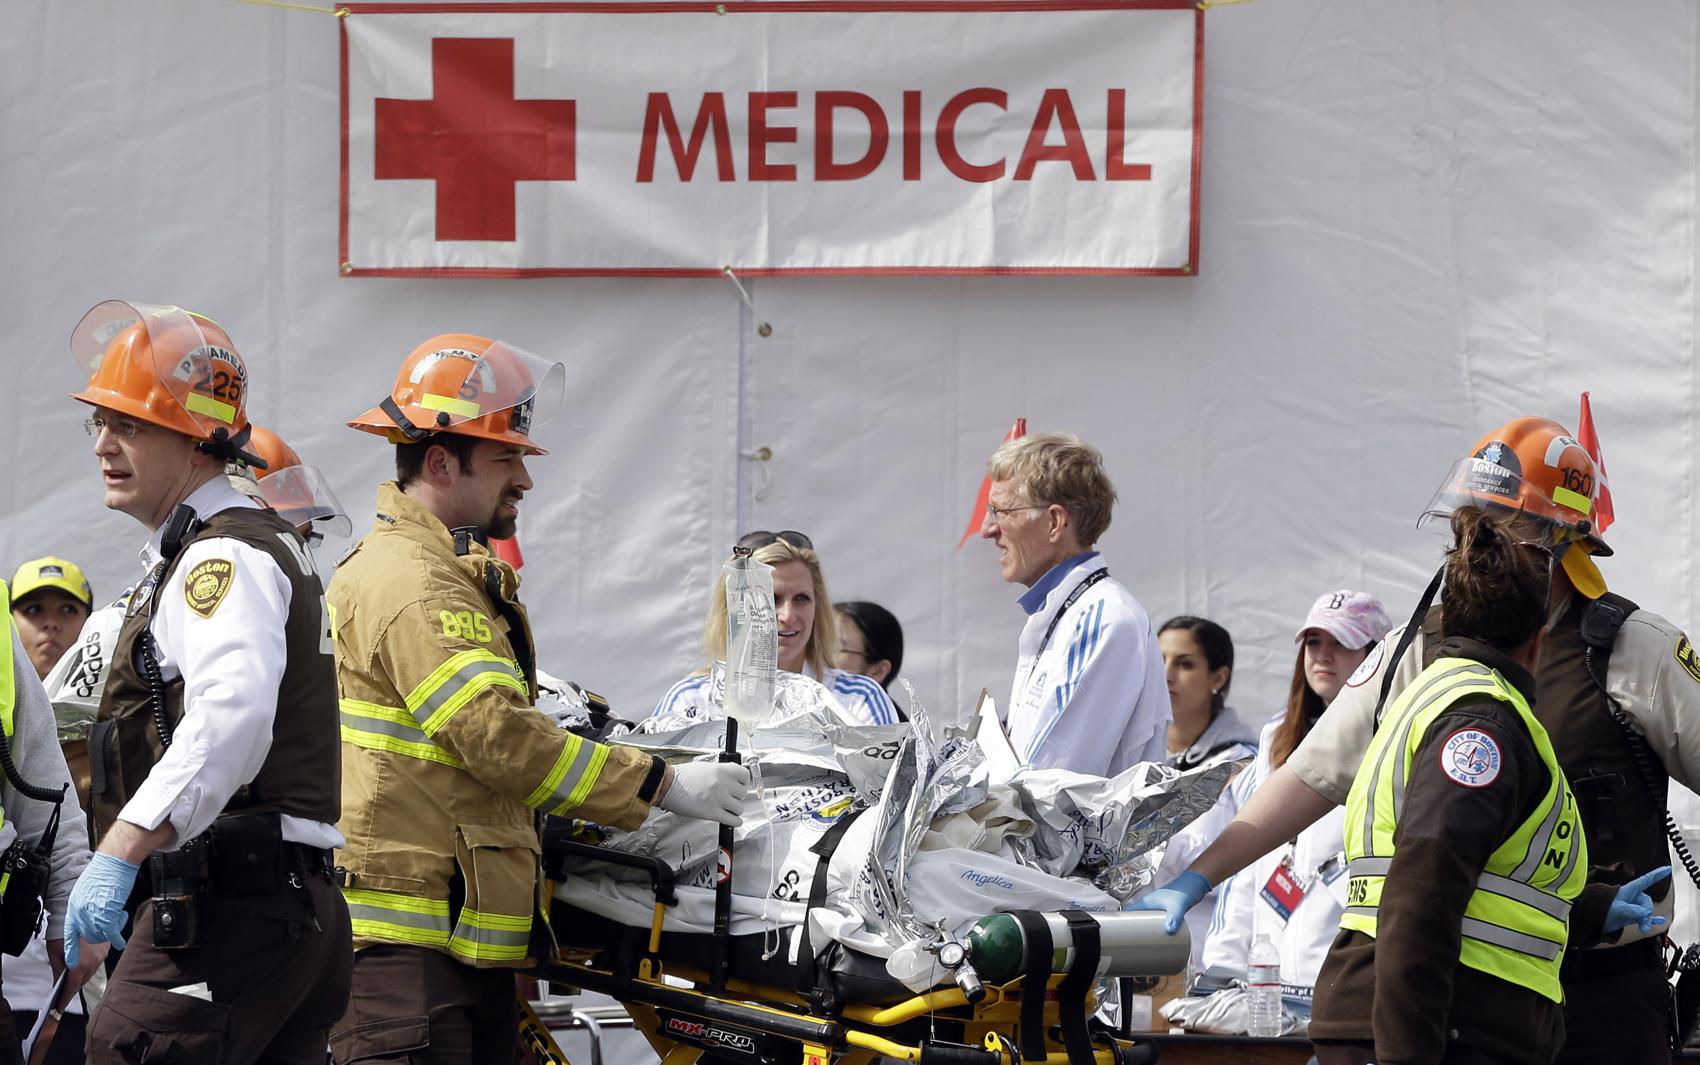 Médicos atendem os feridos durante explosão na maratona de Boston.